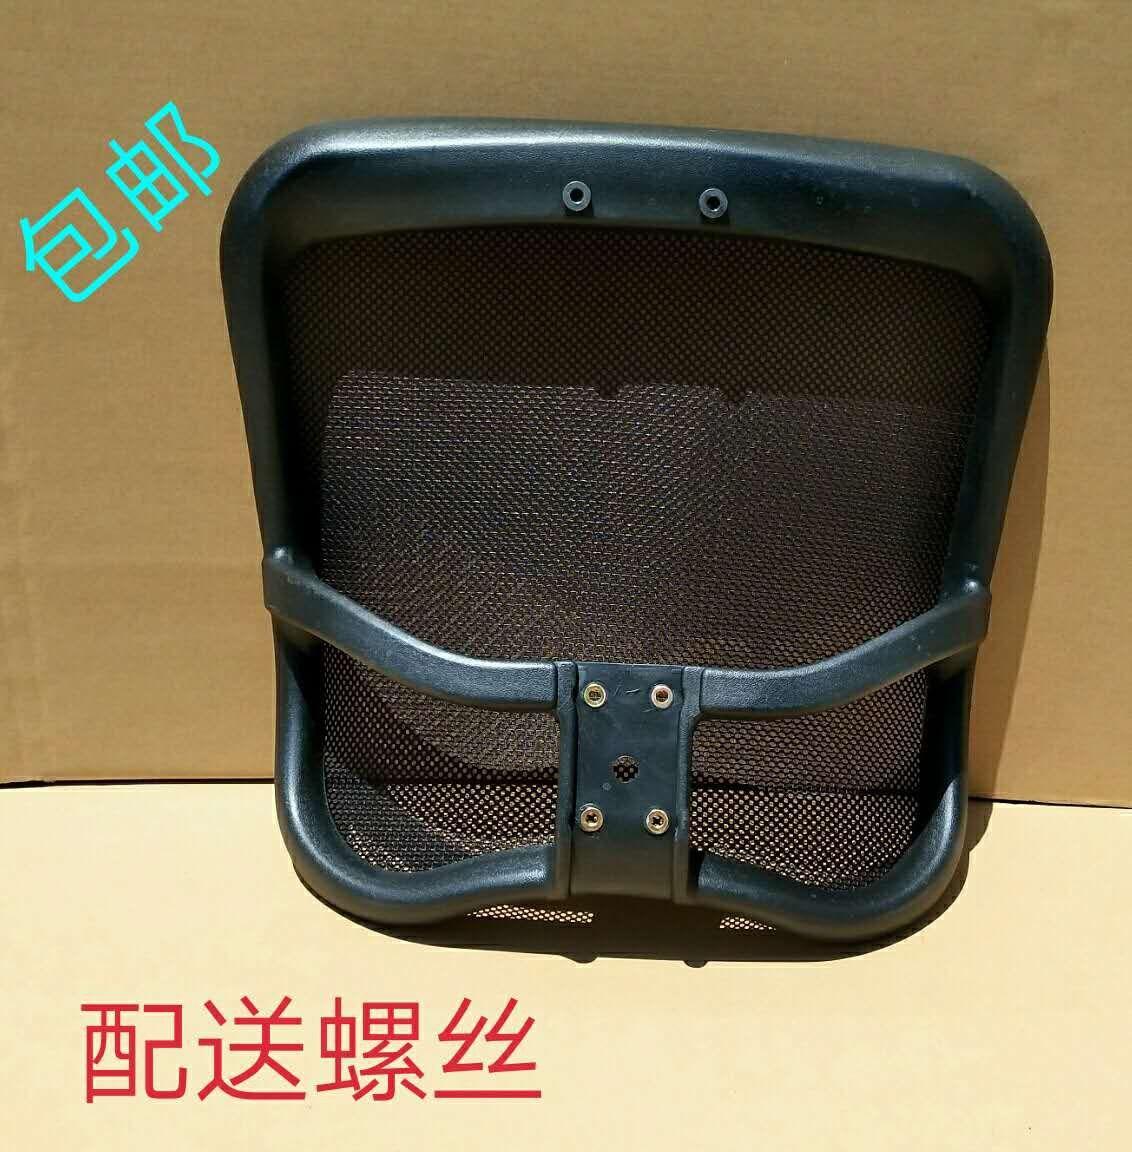 配件网布公升降椅椅背办椅子转椅